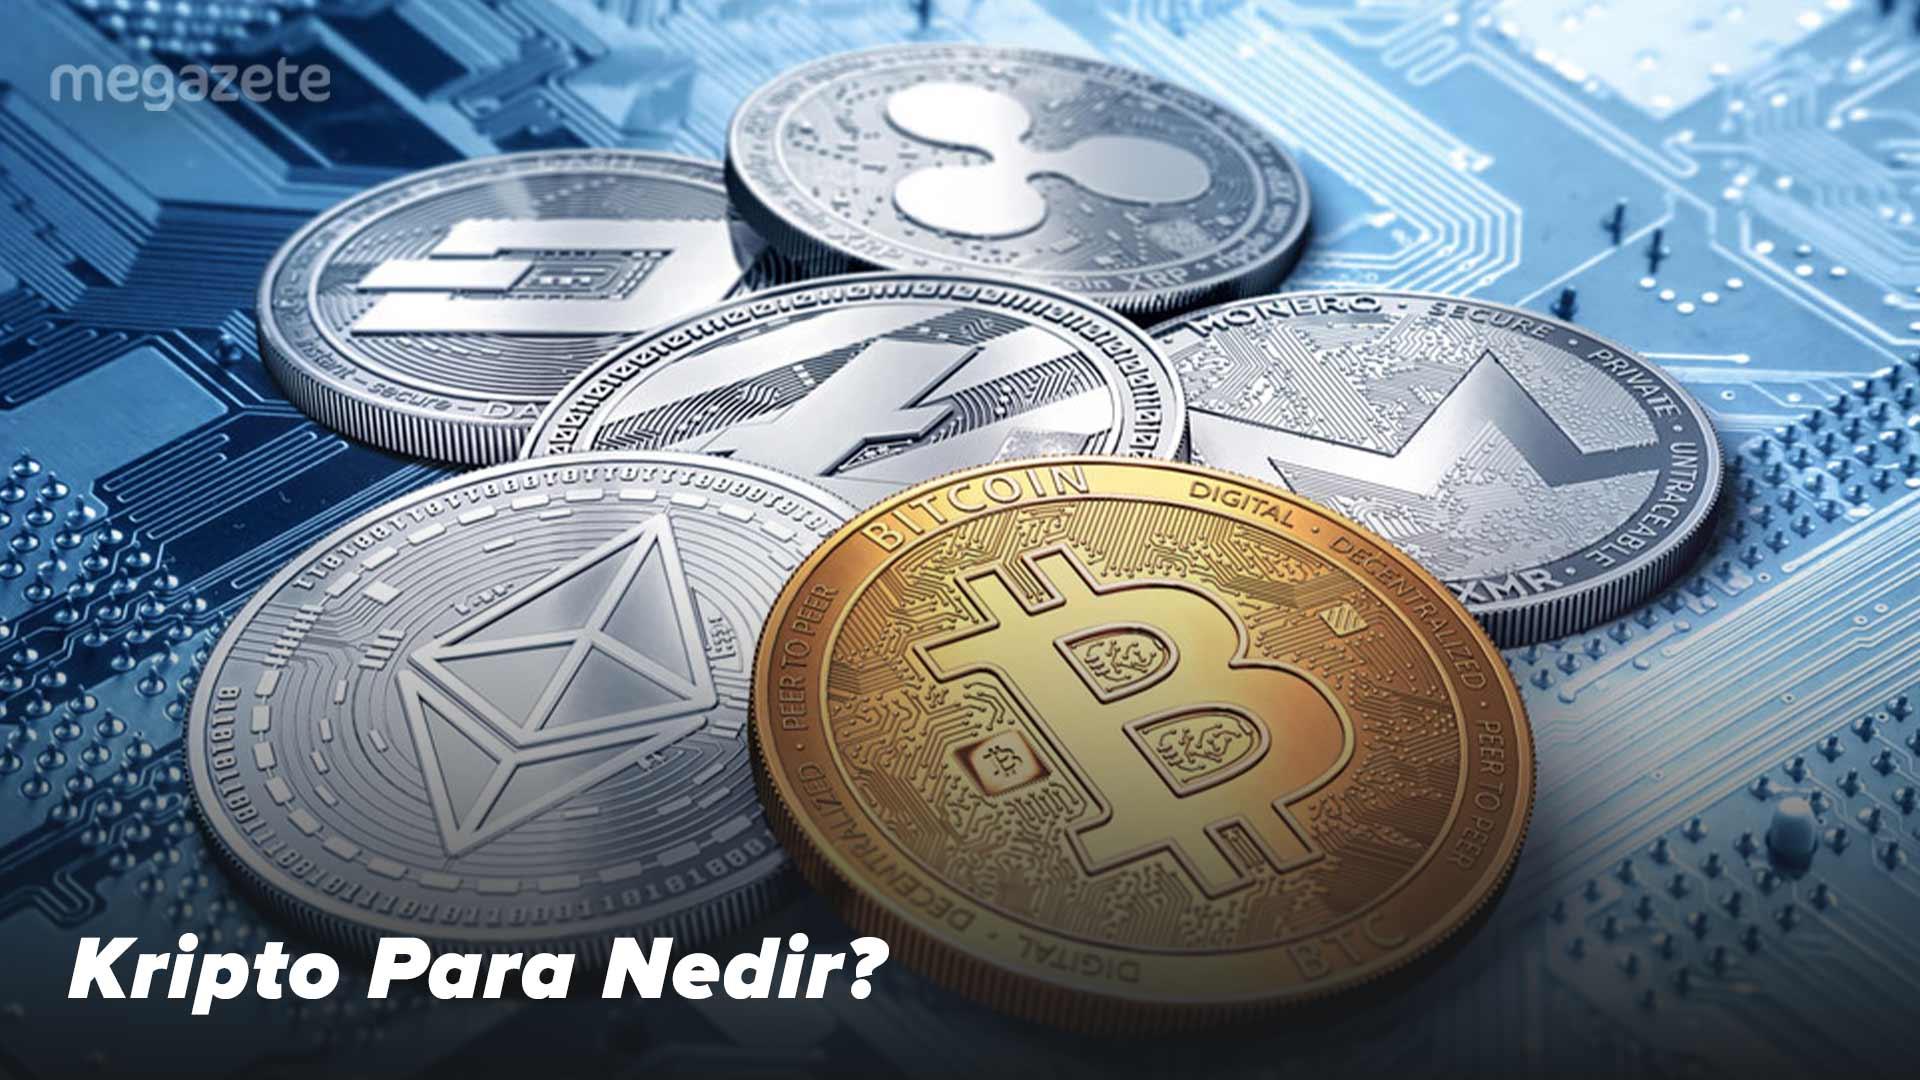 Kripto Para Nedir Bitcoin